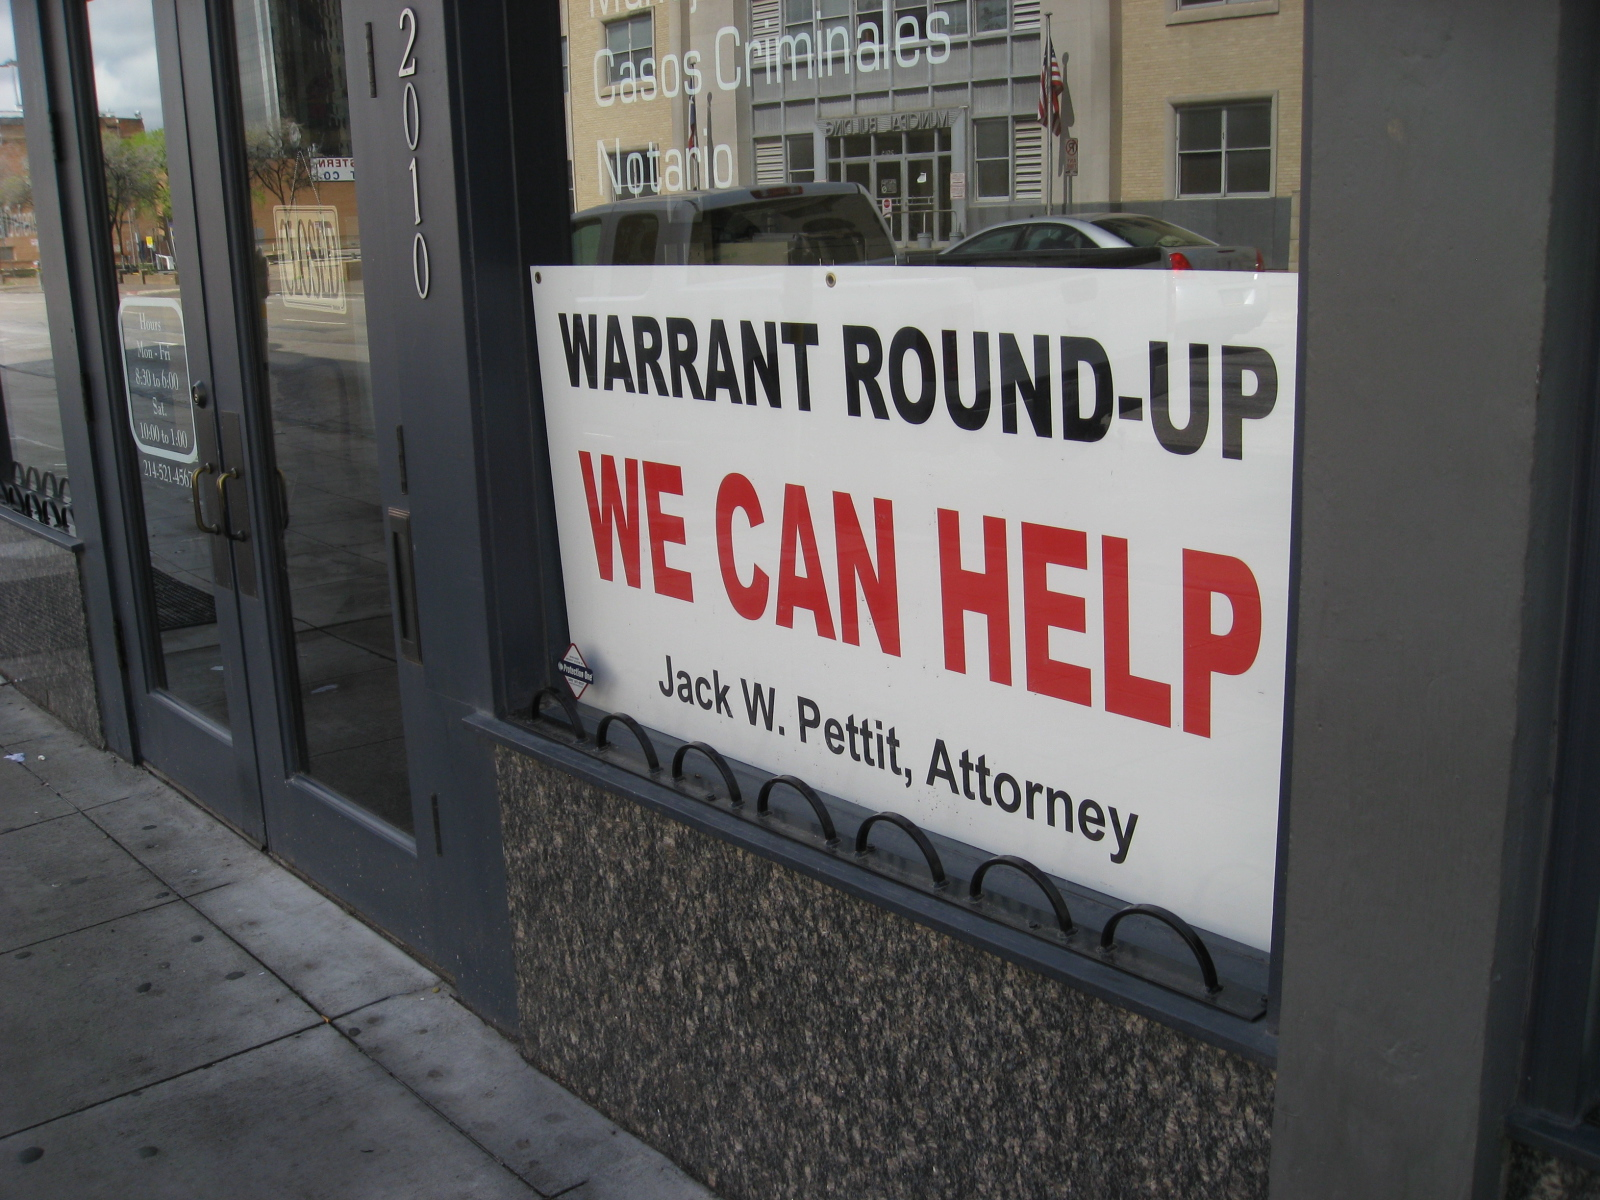 Online Arrest Warrant - ARREST WARRANT - Free Search